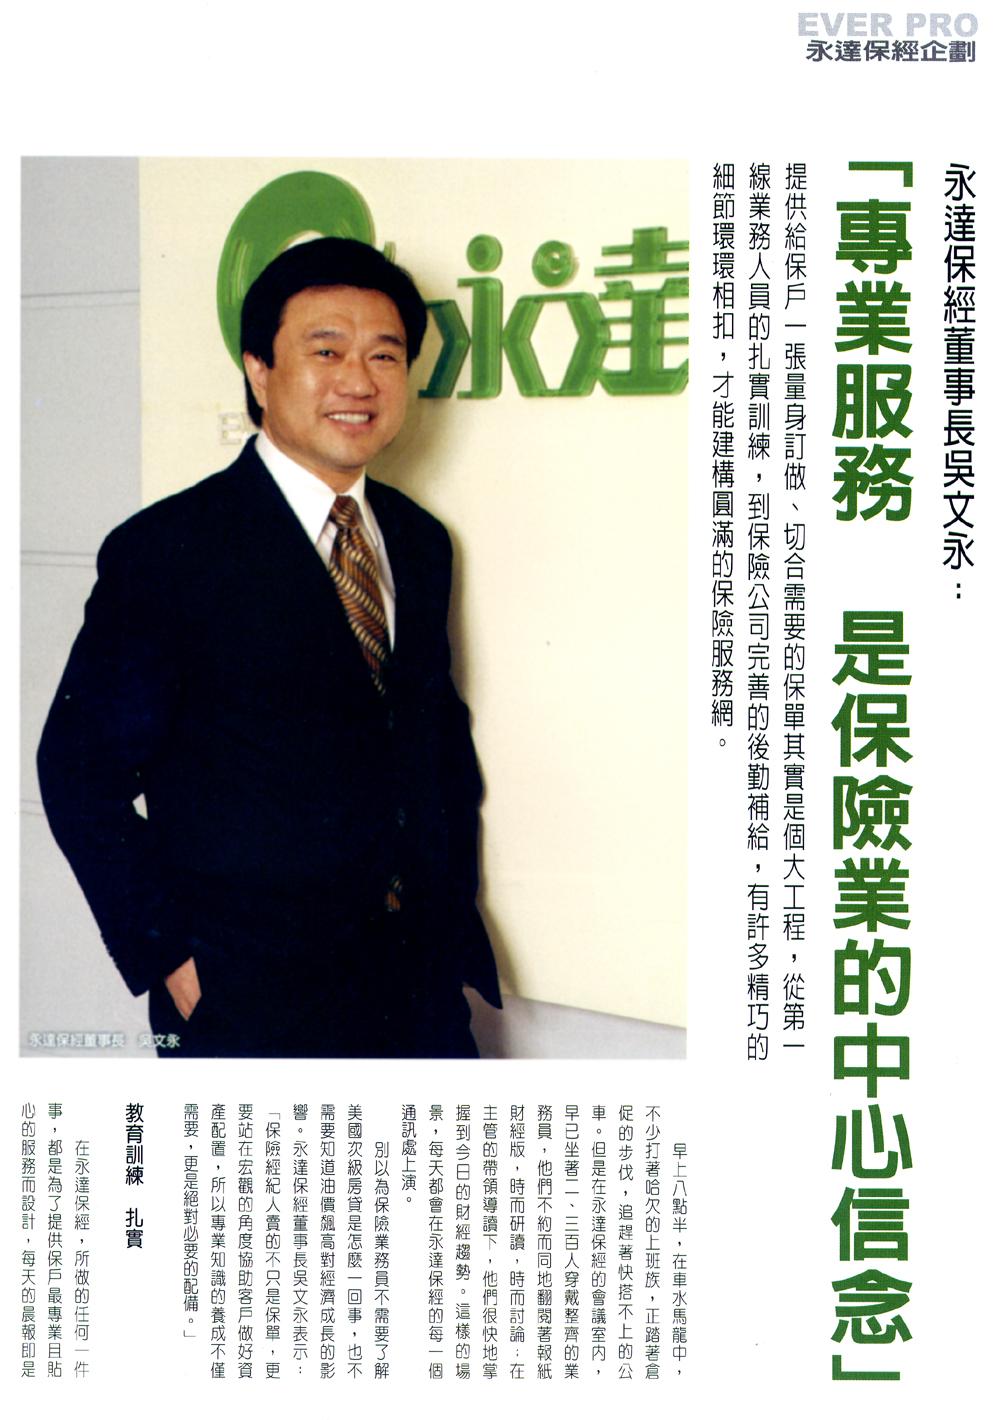 專業服務是保險業的中心信念第一頁報導